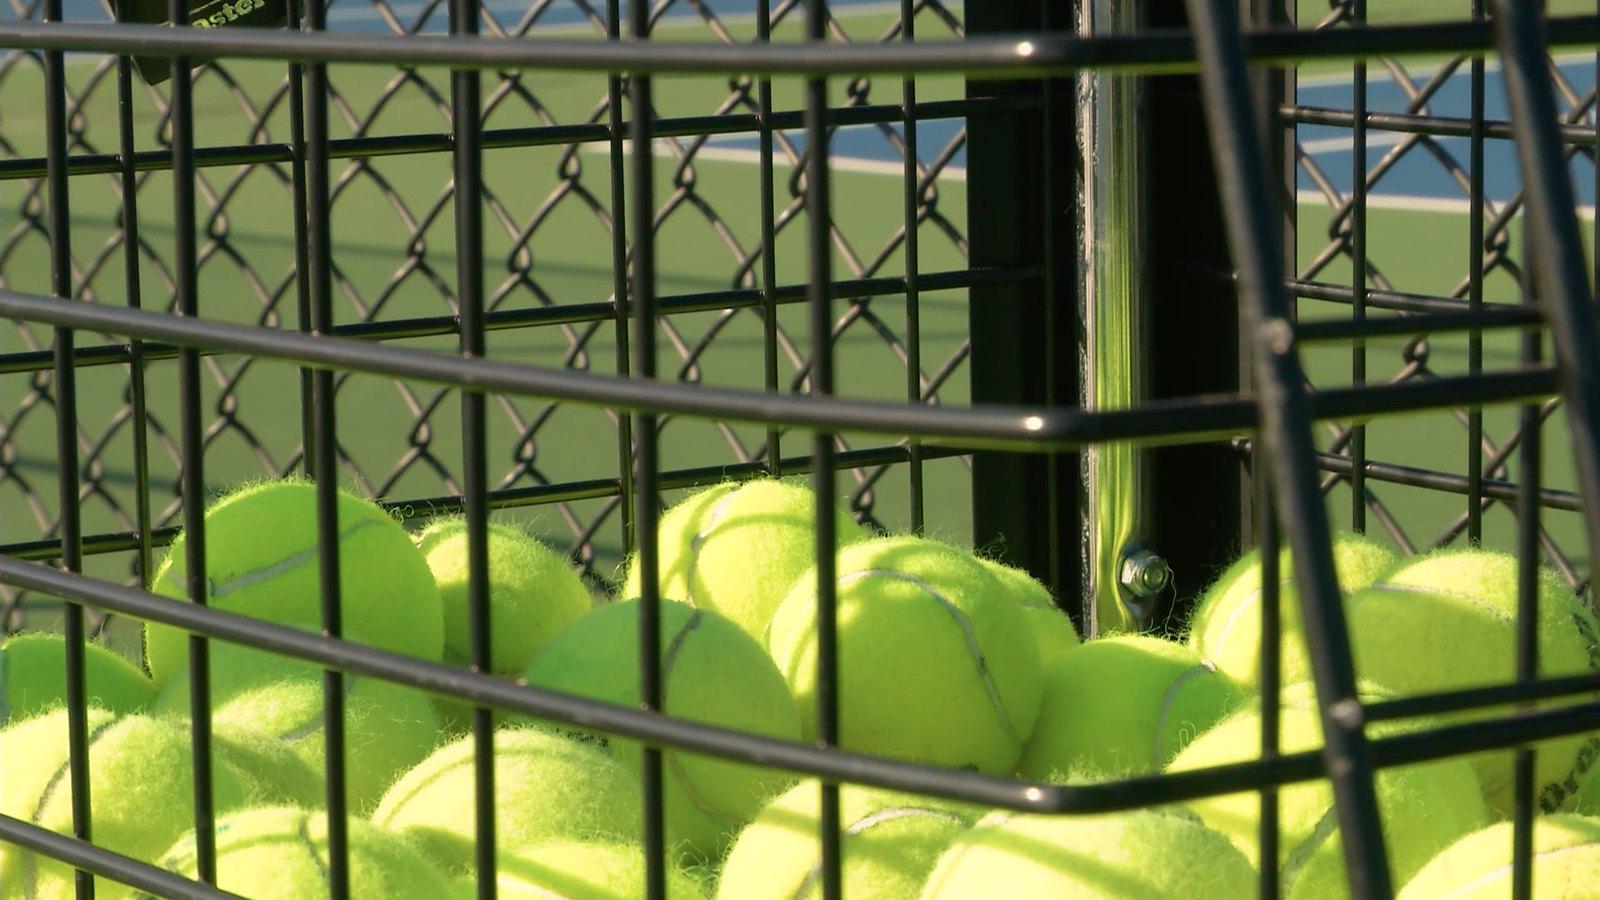 Okemos Boys Tennis Team Goes to States